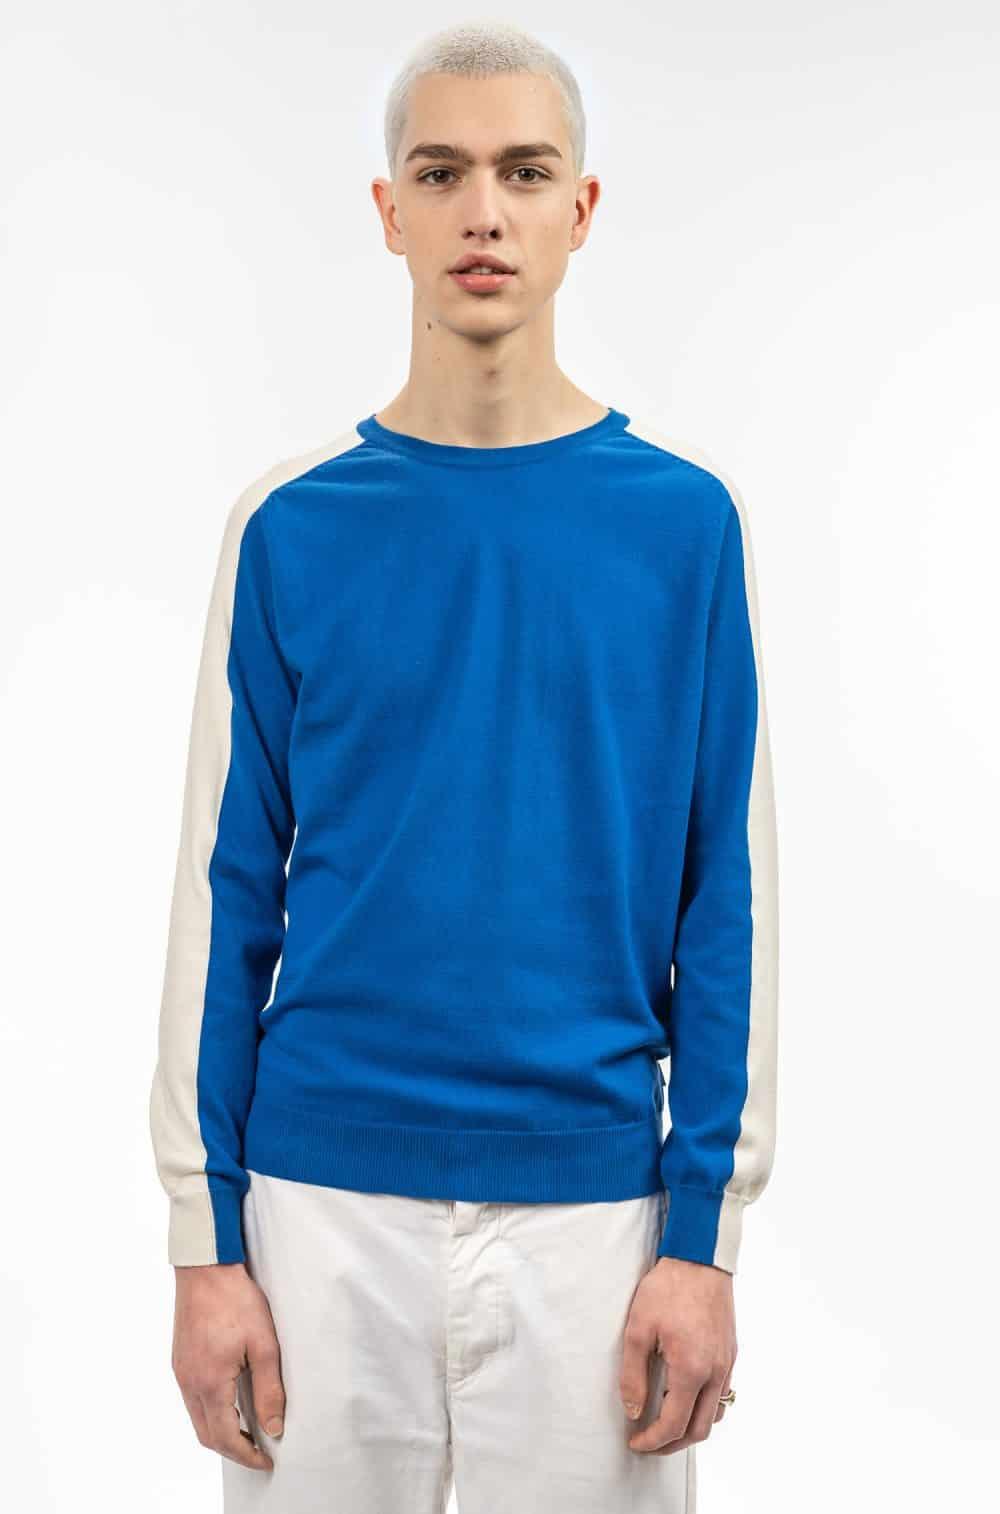 Flatbush Knitwear - Light Blue